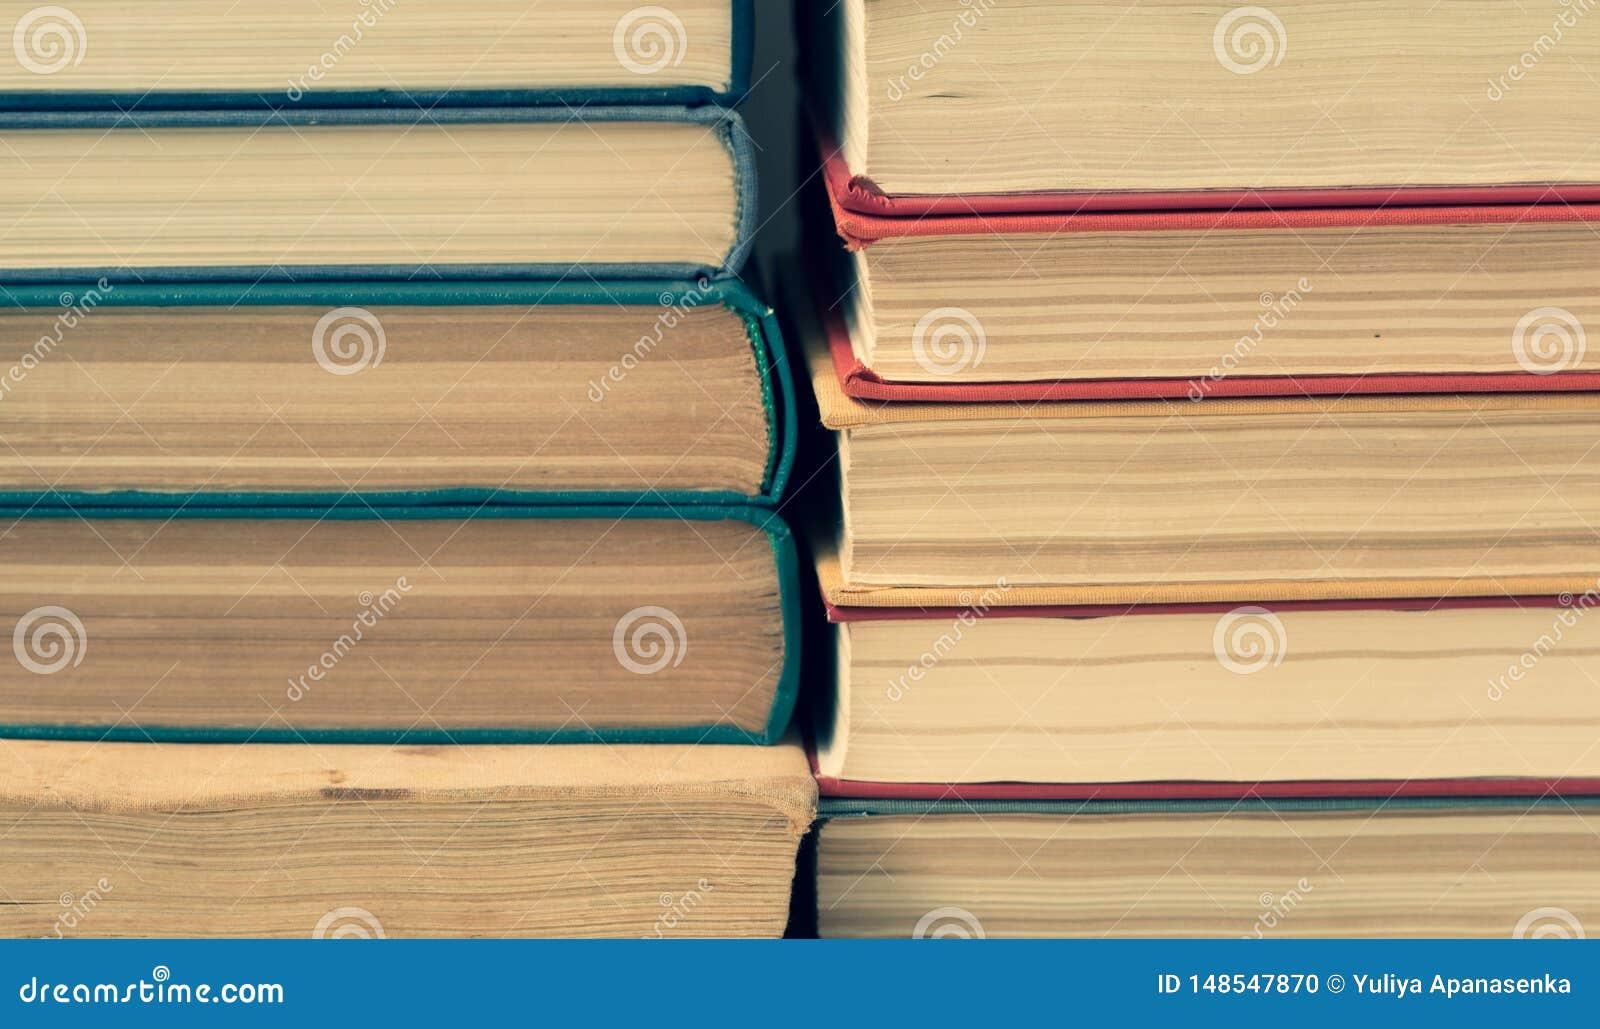 Sterta stare colorfull książki